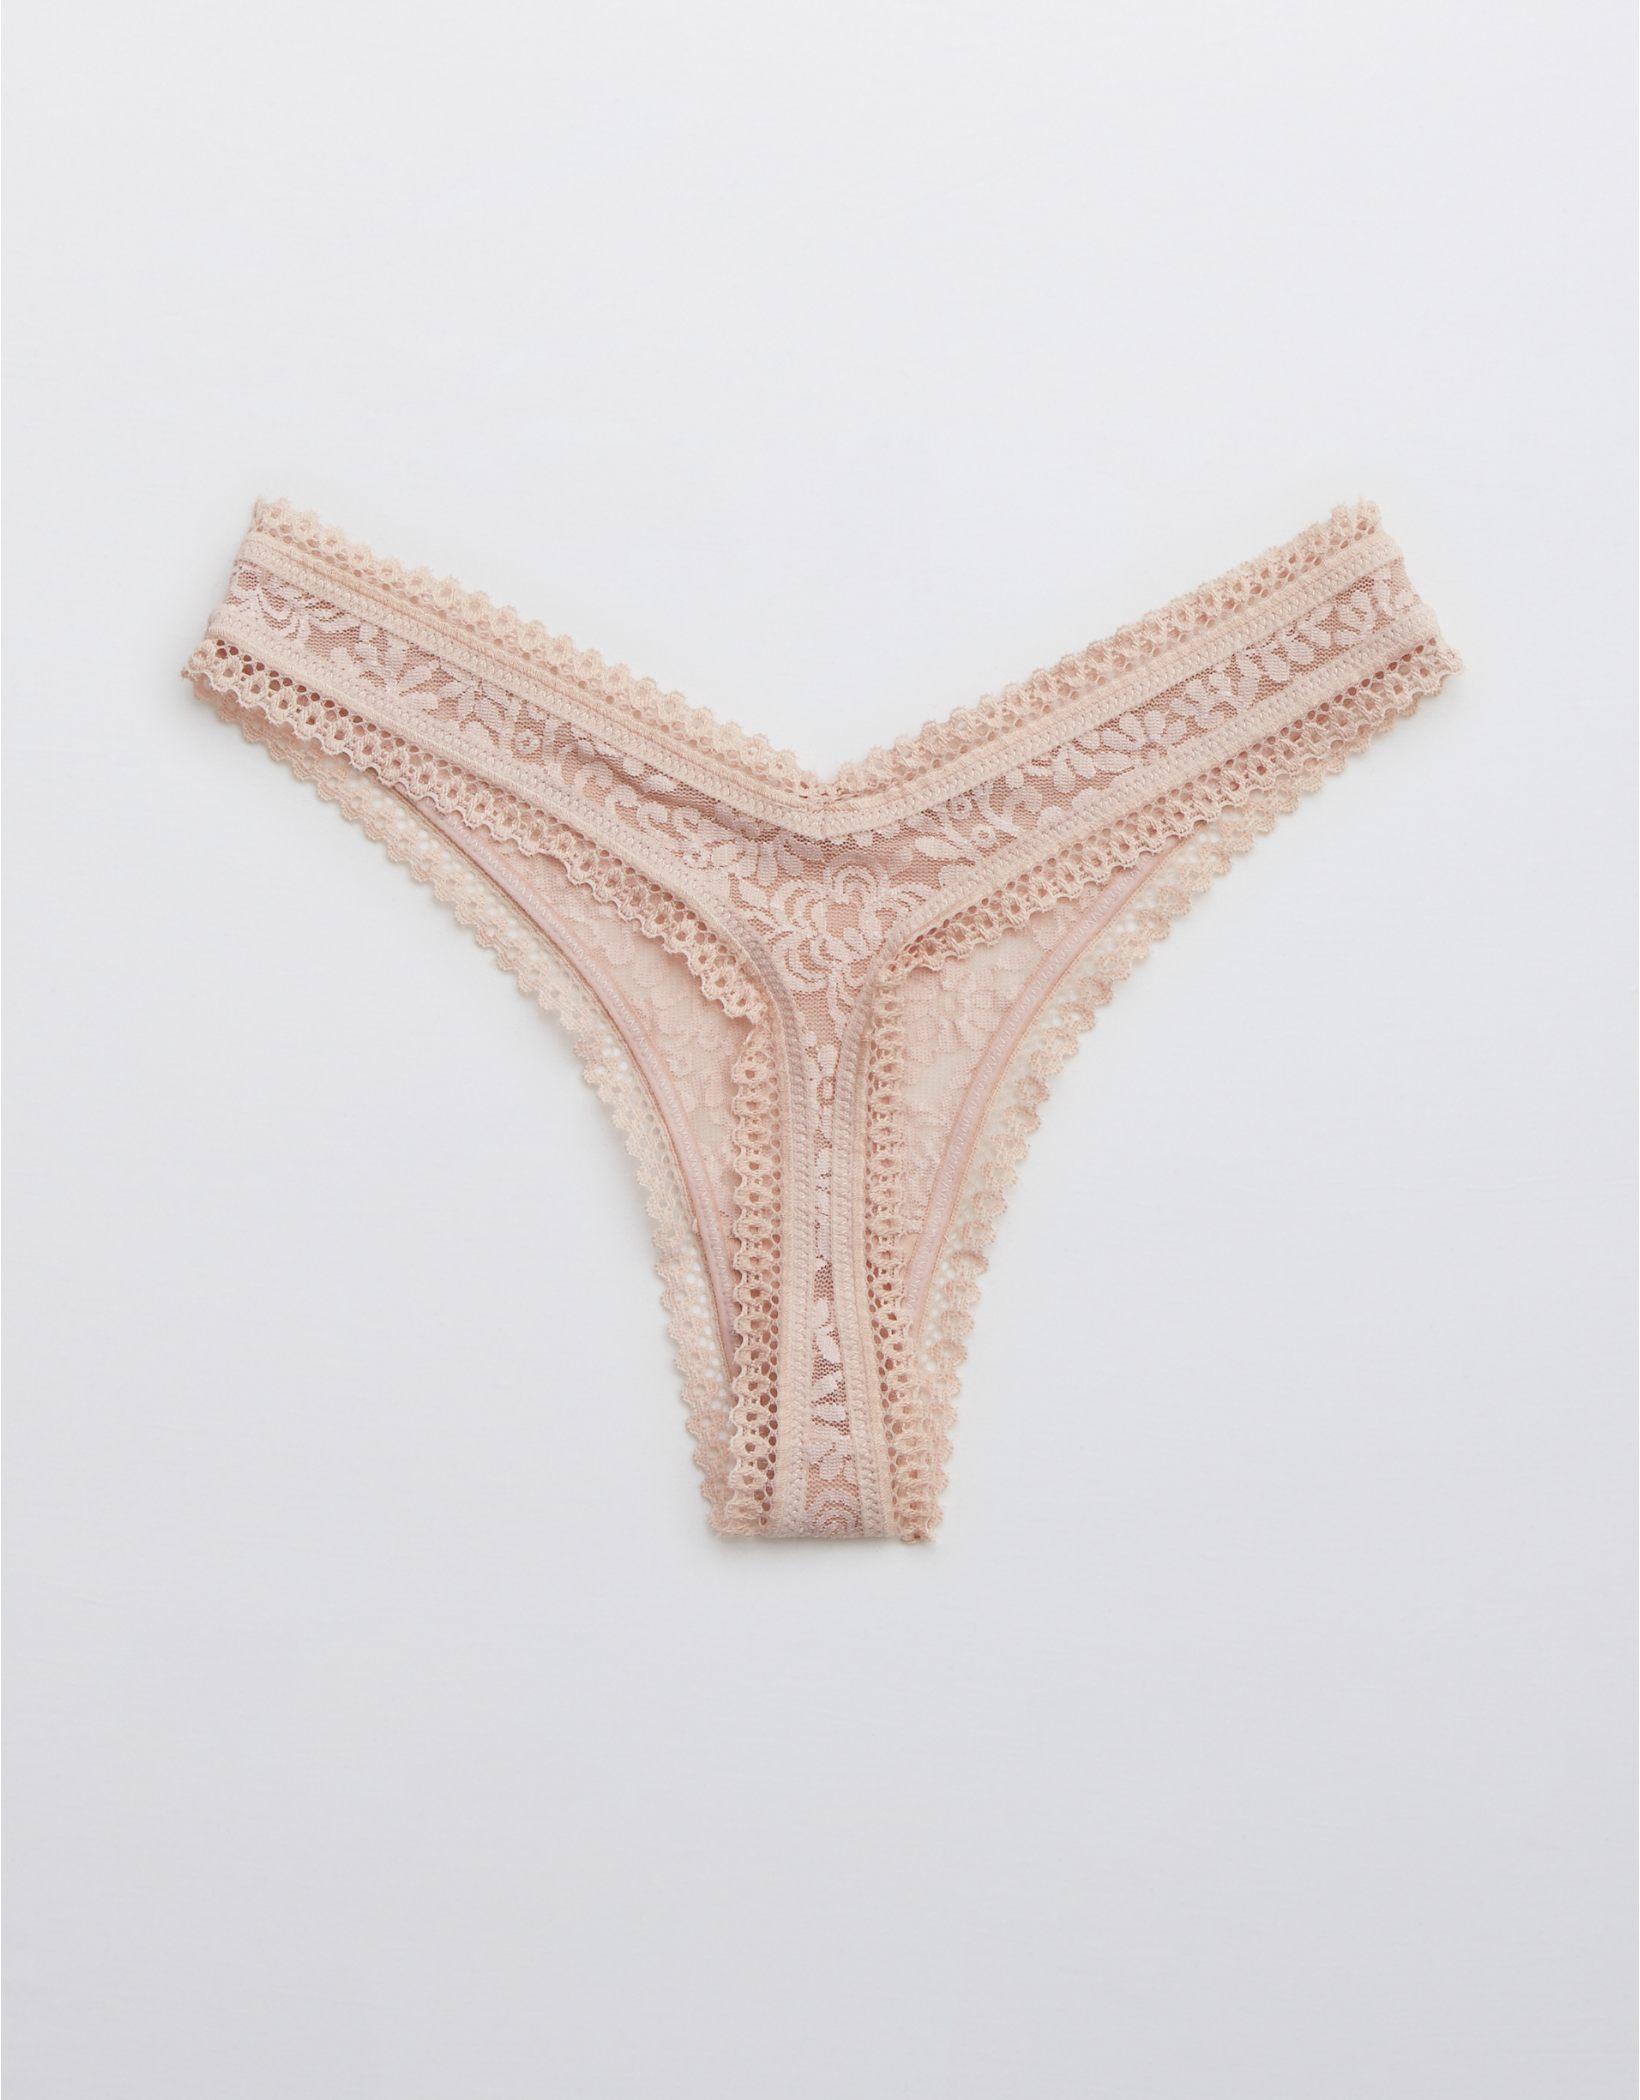 Aerie Far Out Lace High Cut Thong Underwear